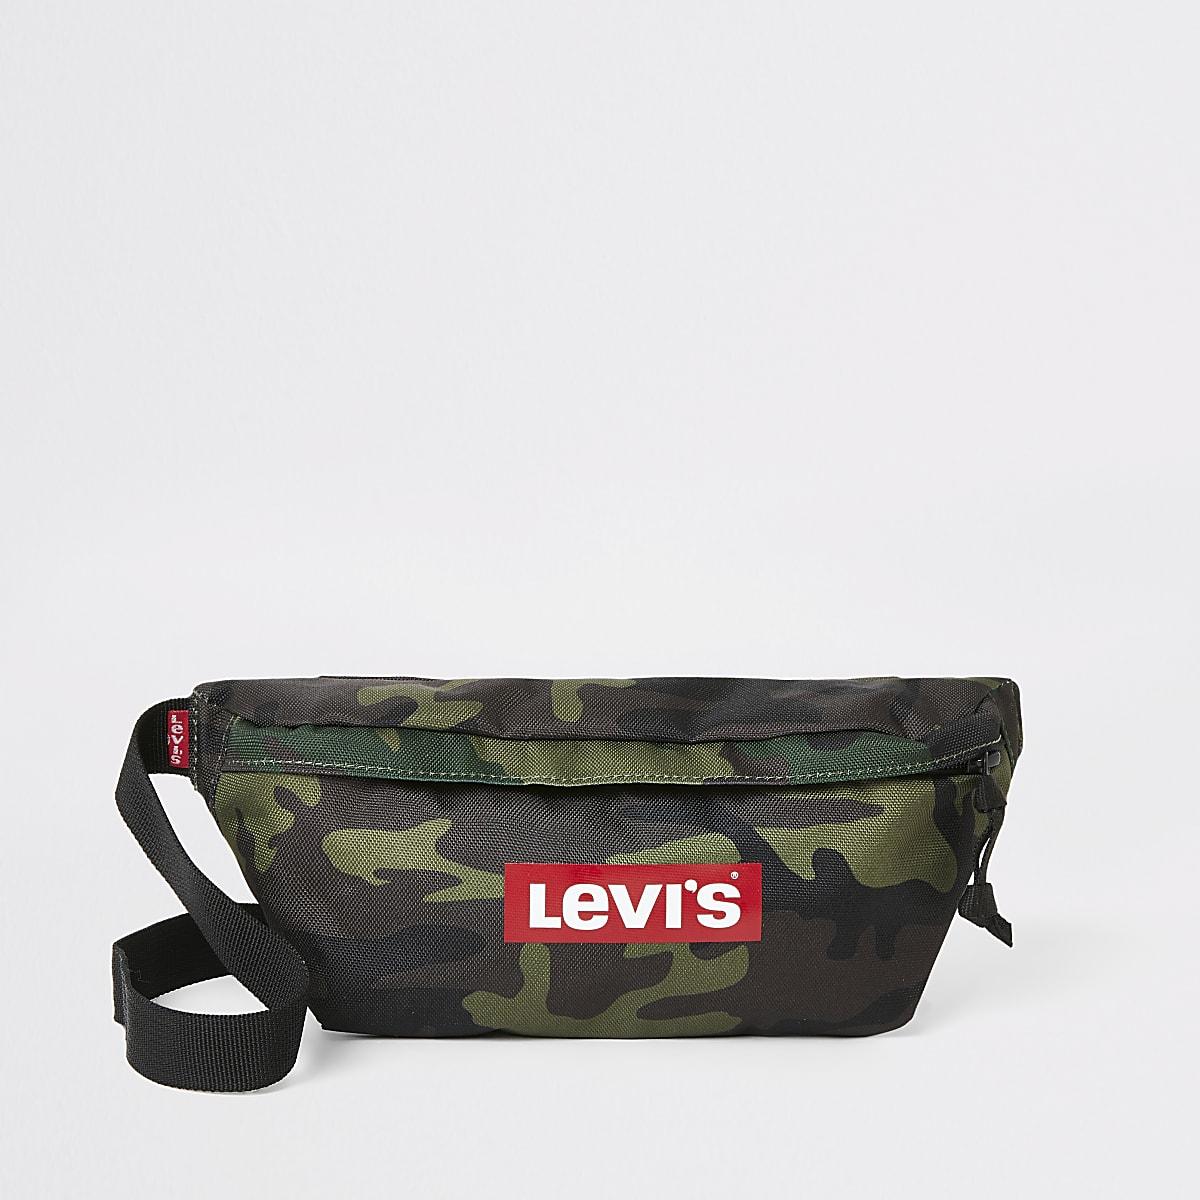 Levi's camo logo cross body bag